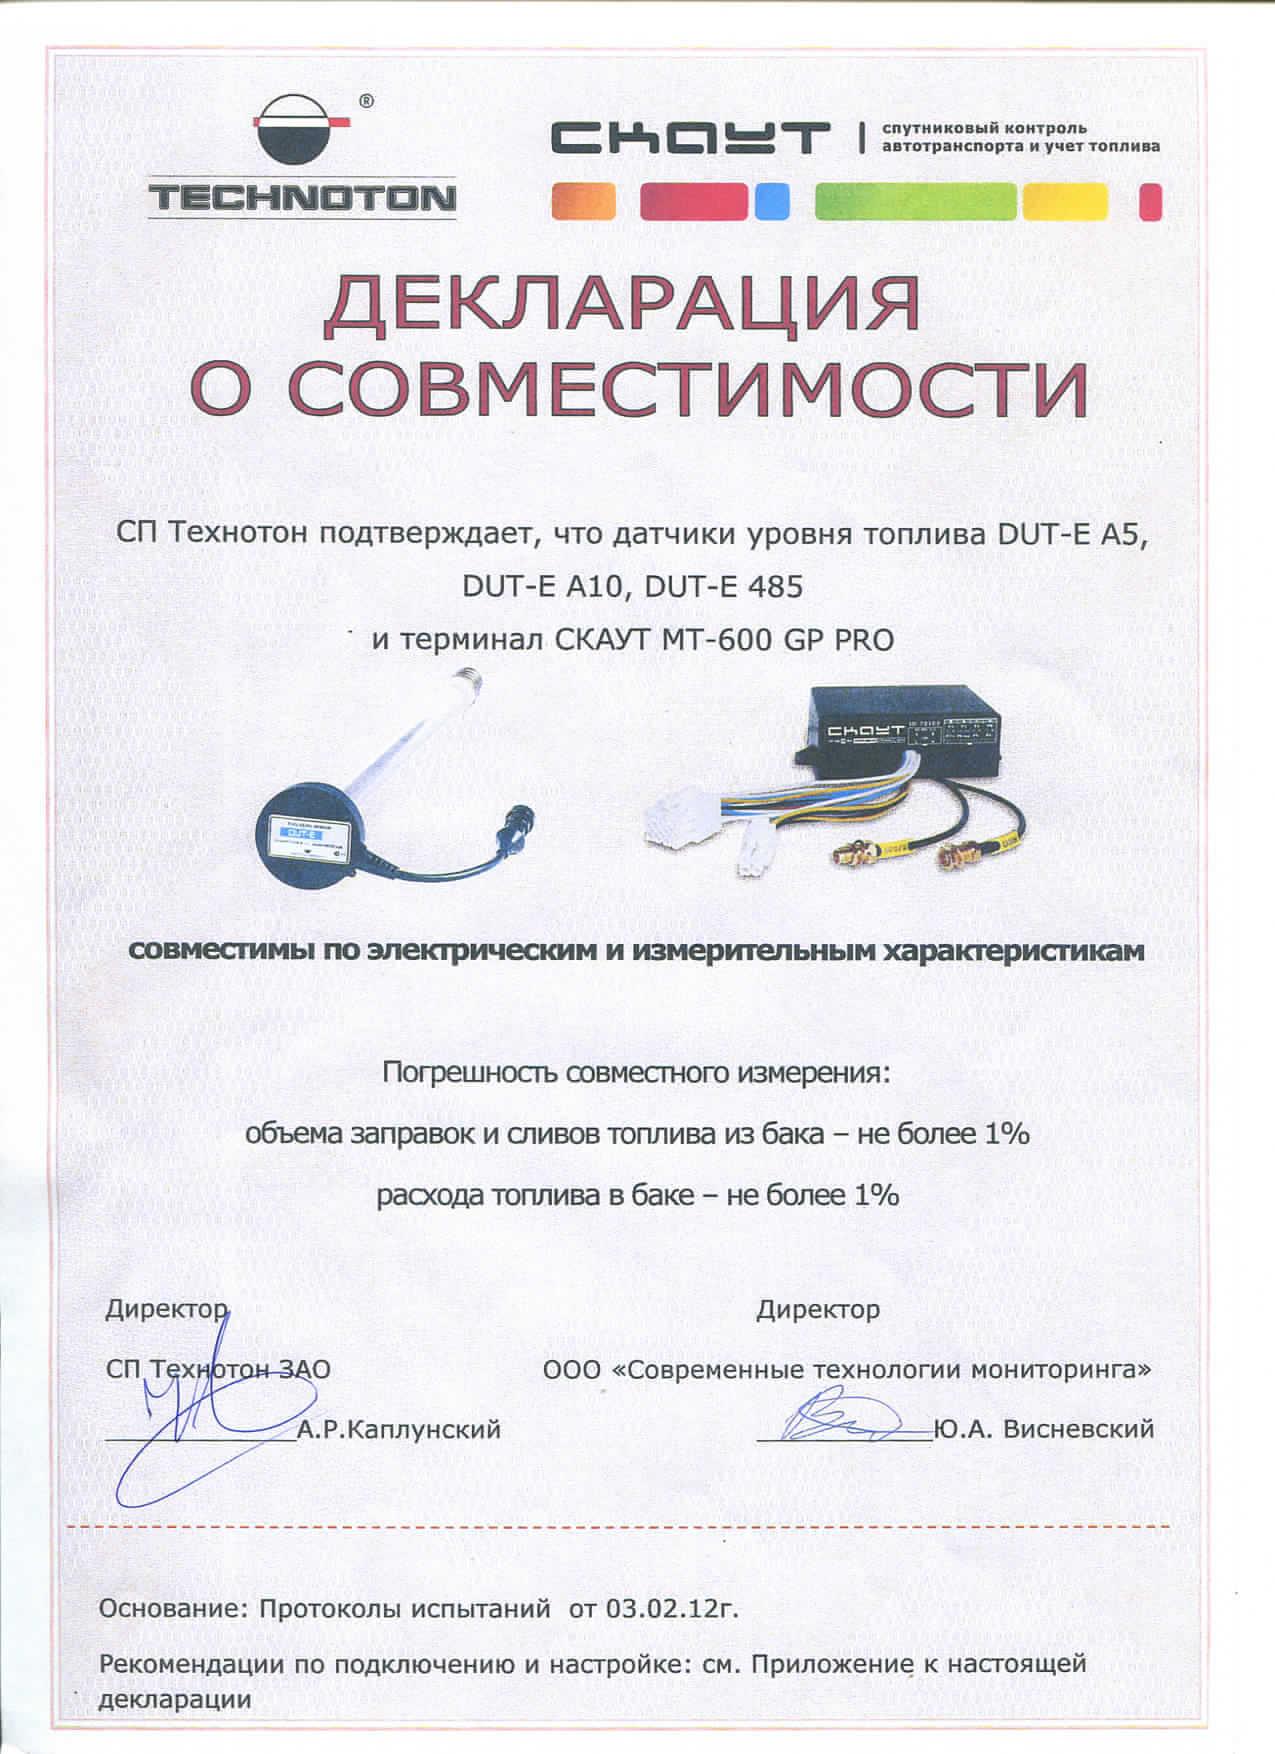 DUT-E 485 совместим с SCAUT-MT-600